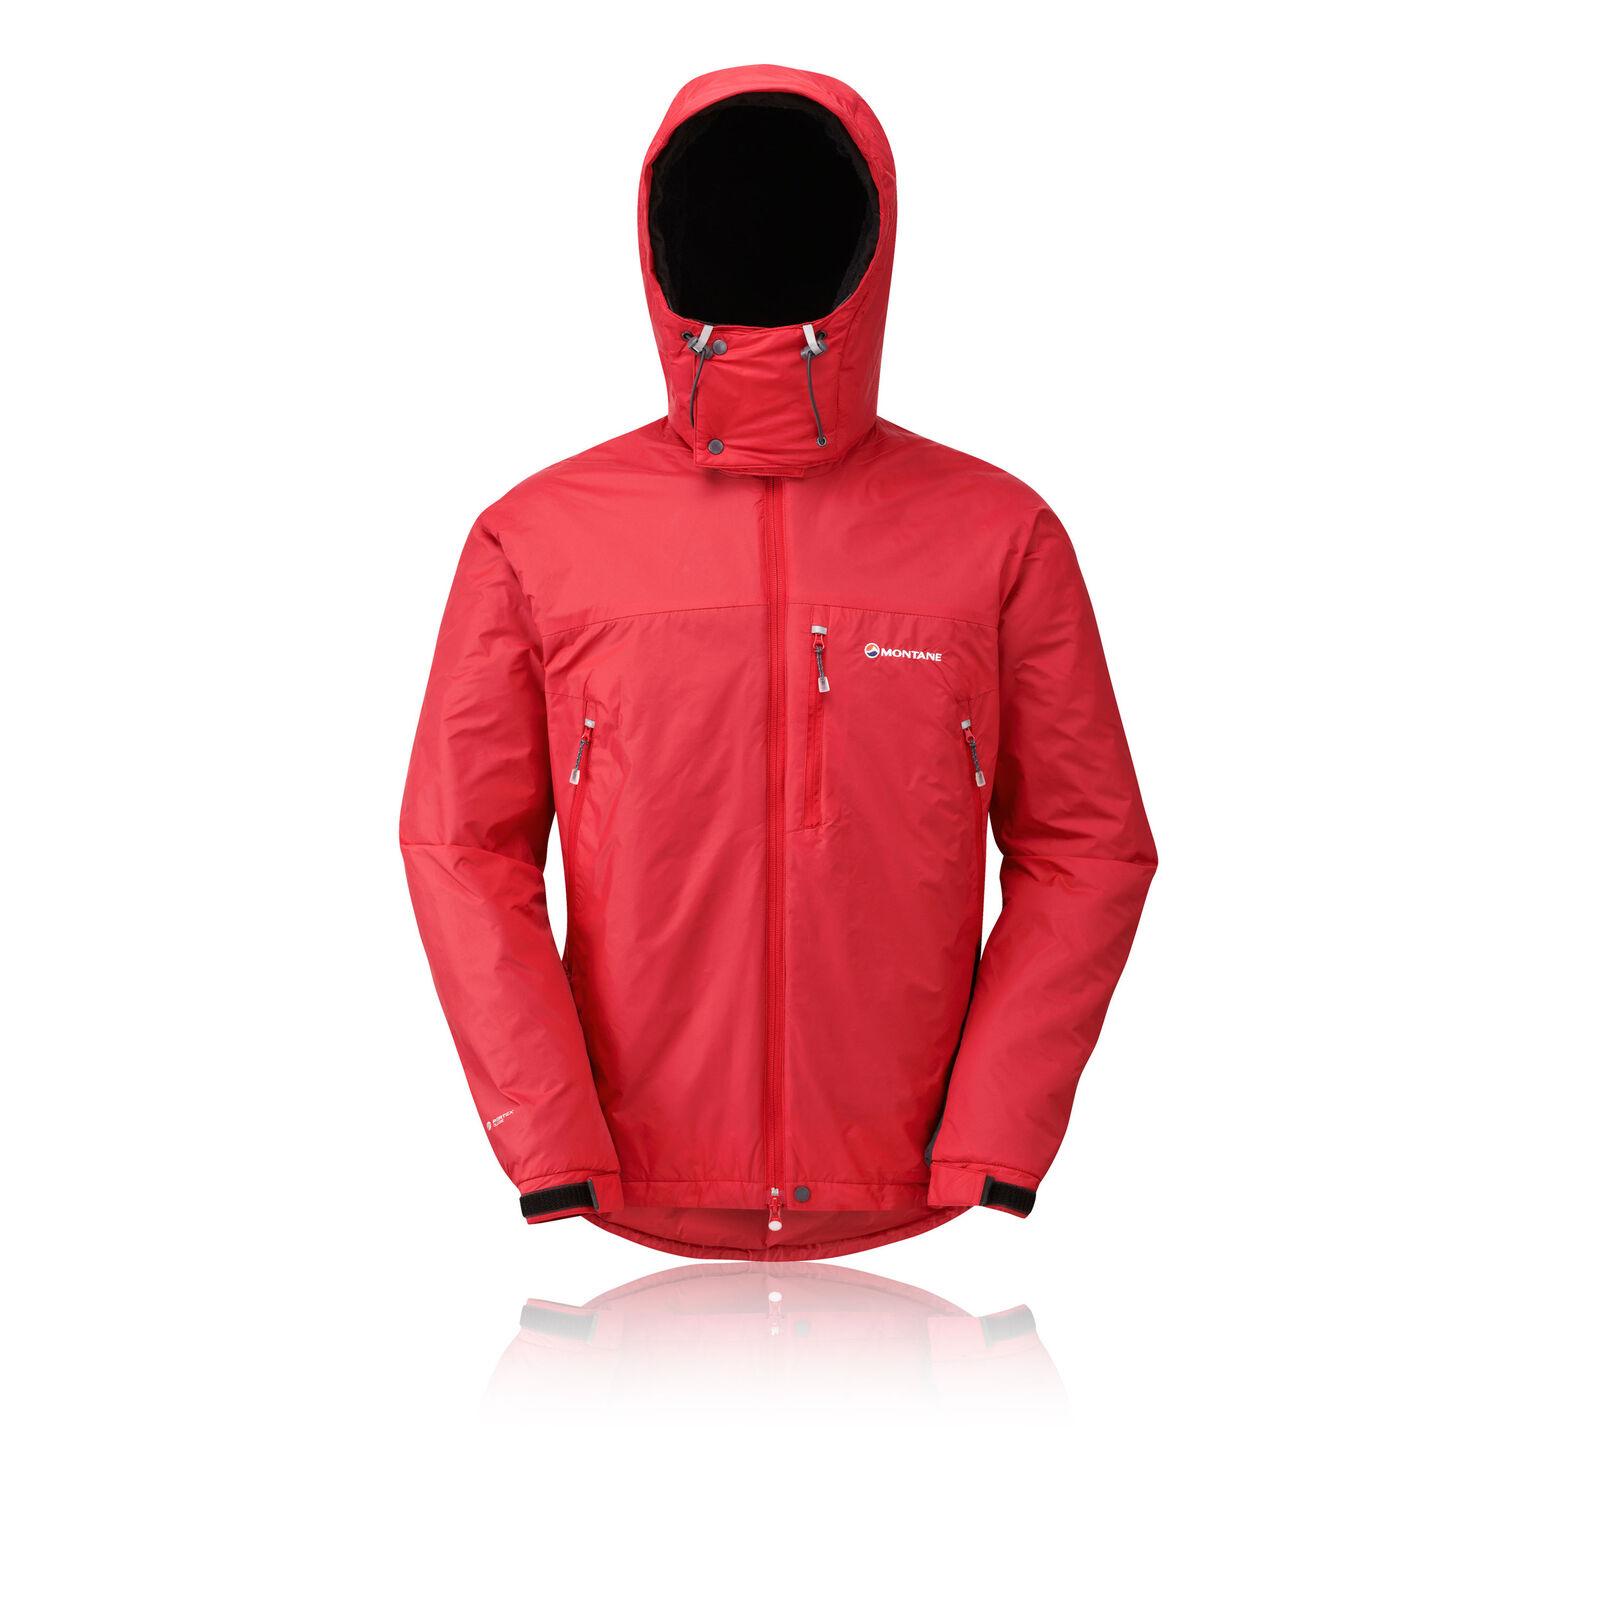 Montane Extreme Veste de running zippée pour hommes, coupe-vent et coupe-vent, rouge, coupe-vent